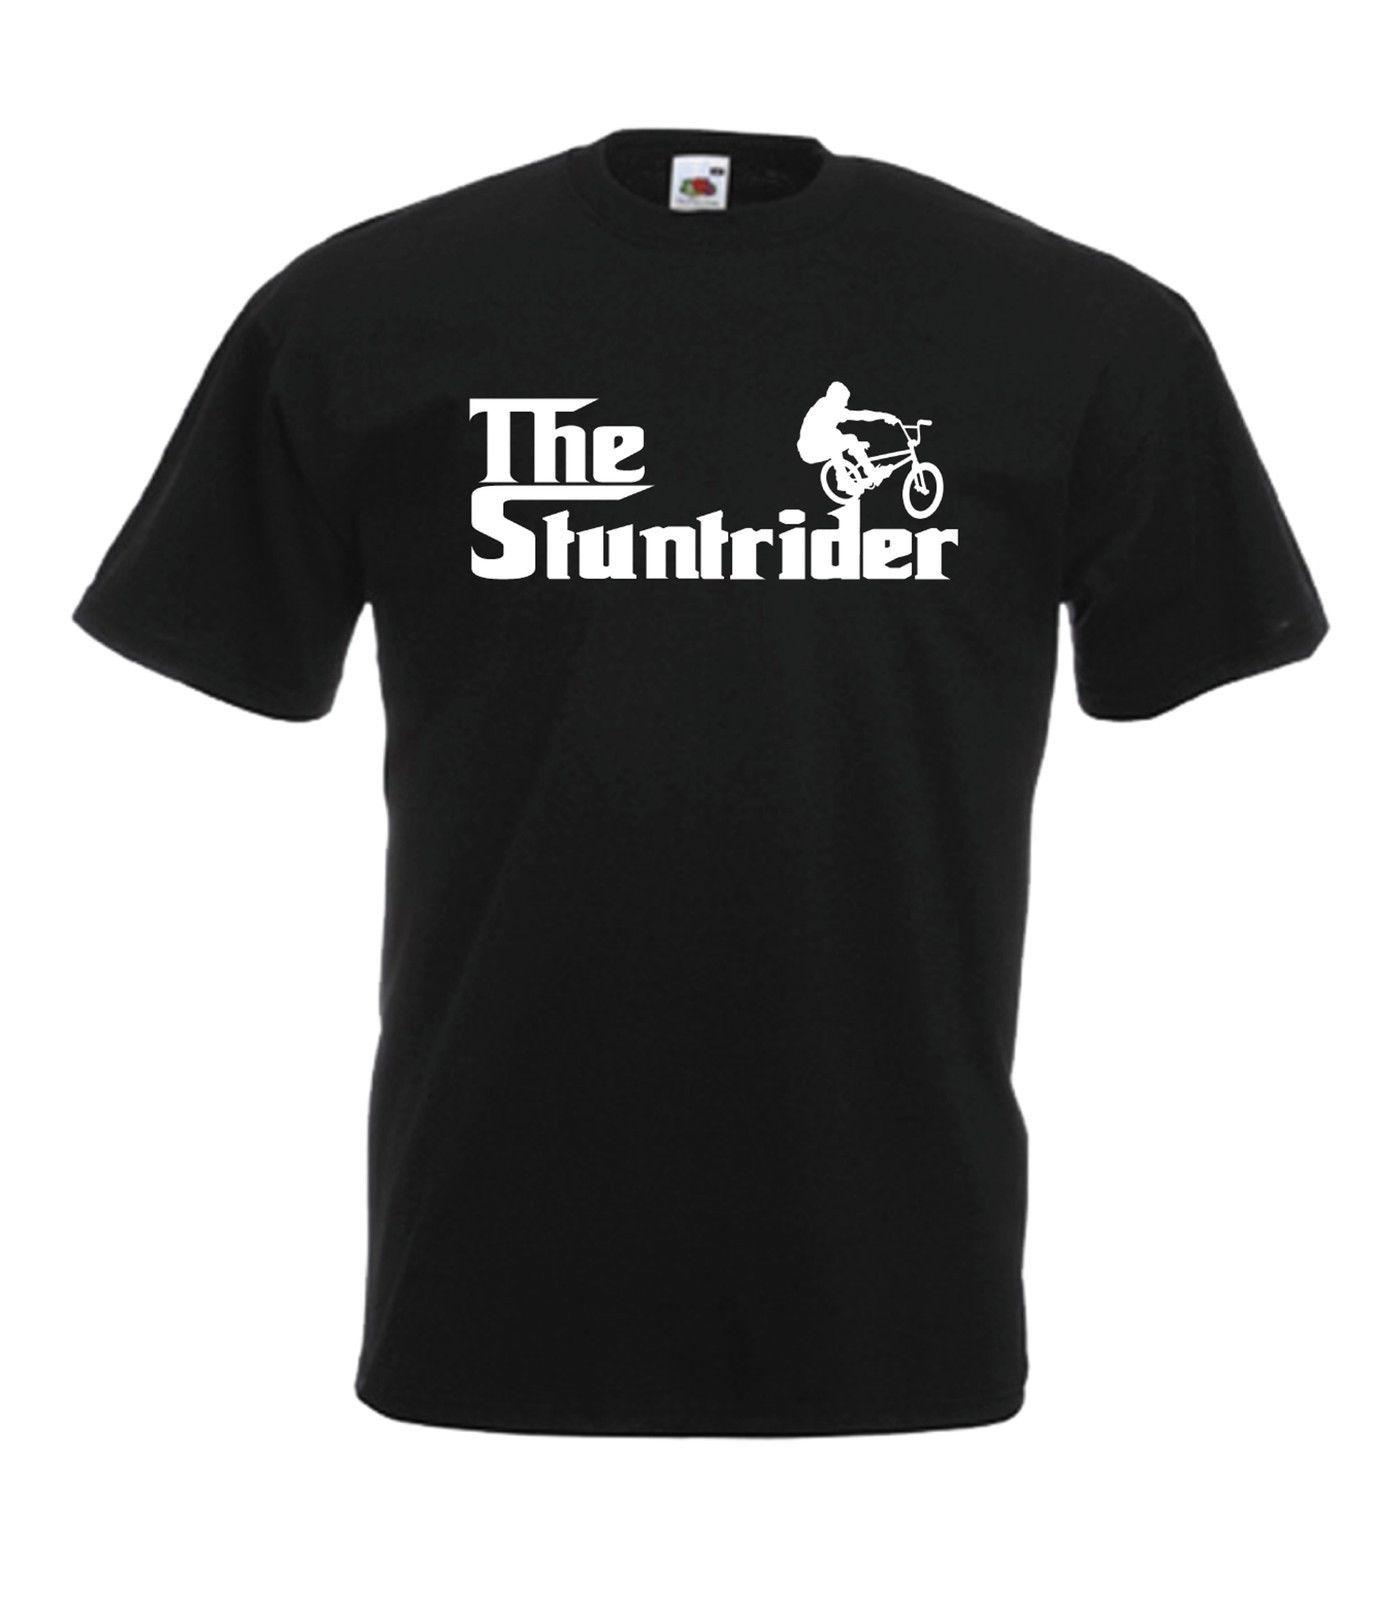 Dublör Rider Bmx Bisiklet Komik Noel Doğum Hediye Fikir T Shirt 2019 Man'S Tasarımcı Yepyeni Kısa Kol Pamuk T Shirt Baskı